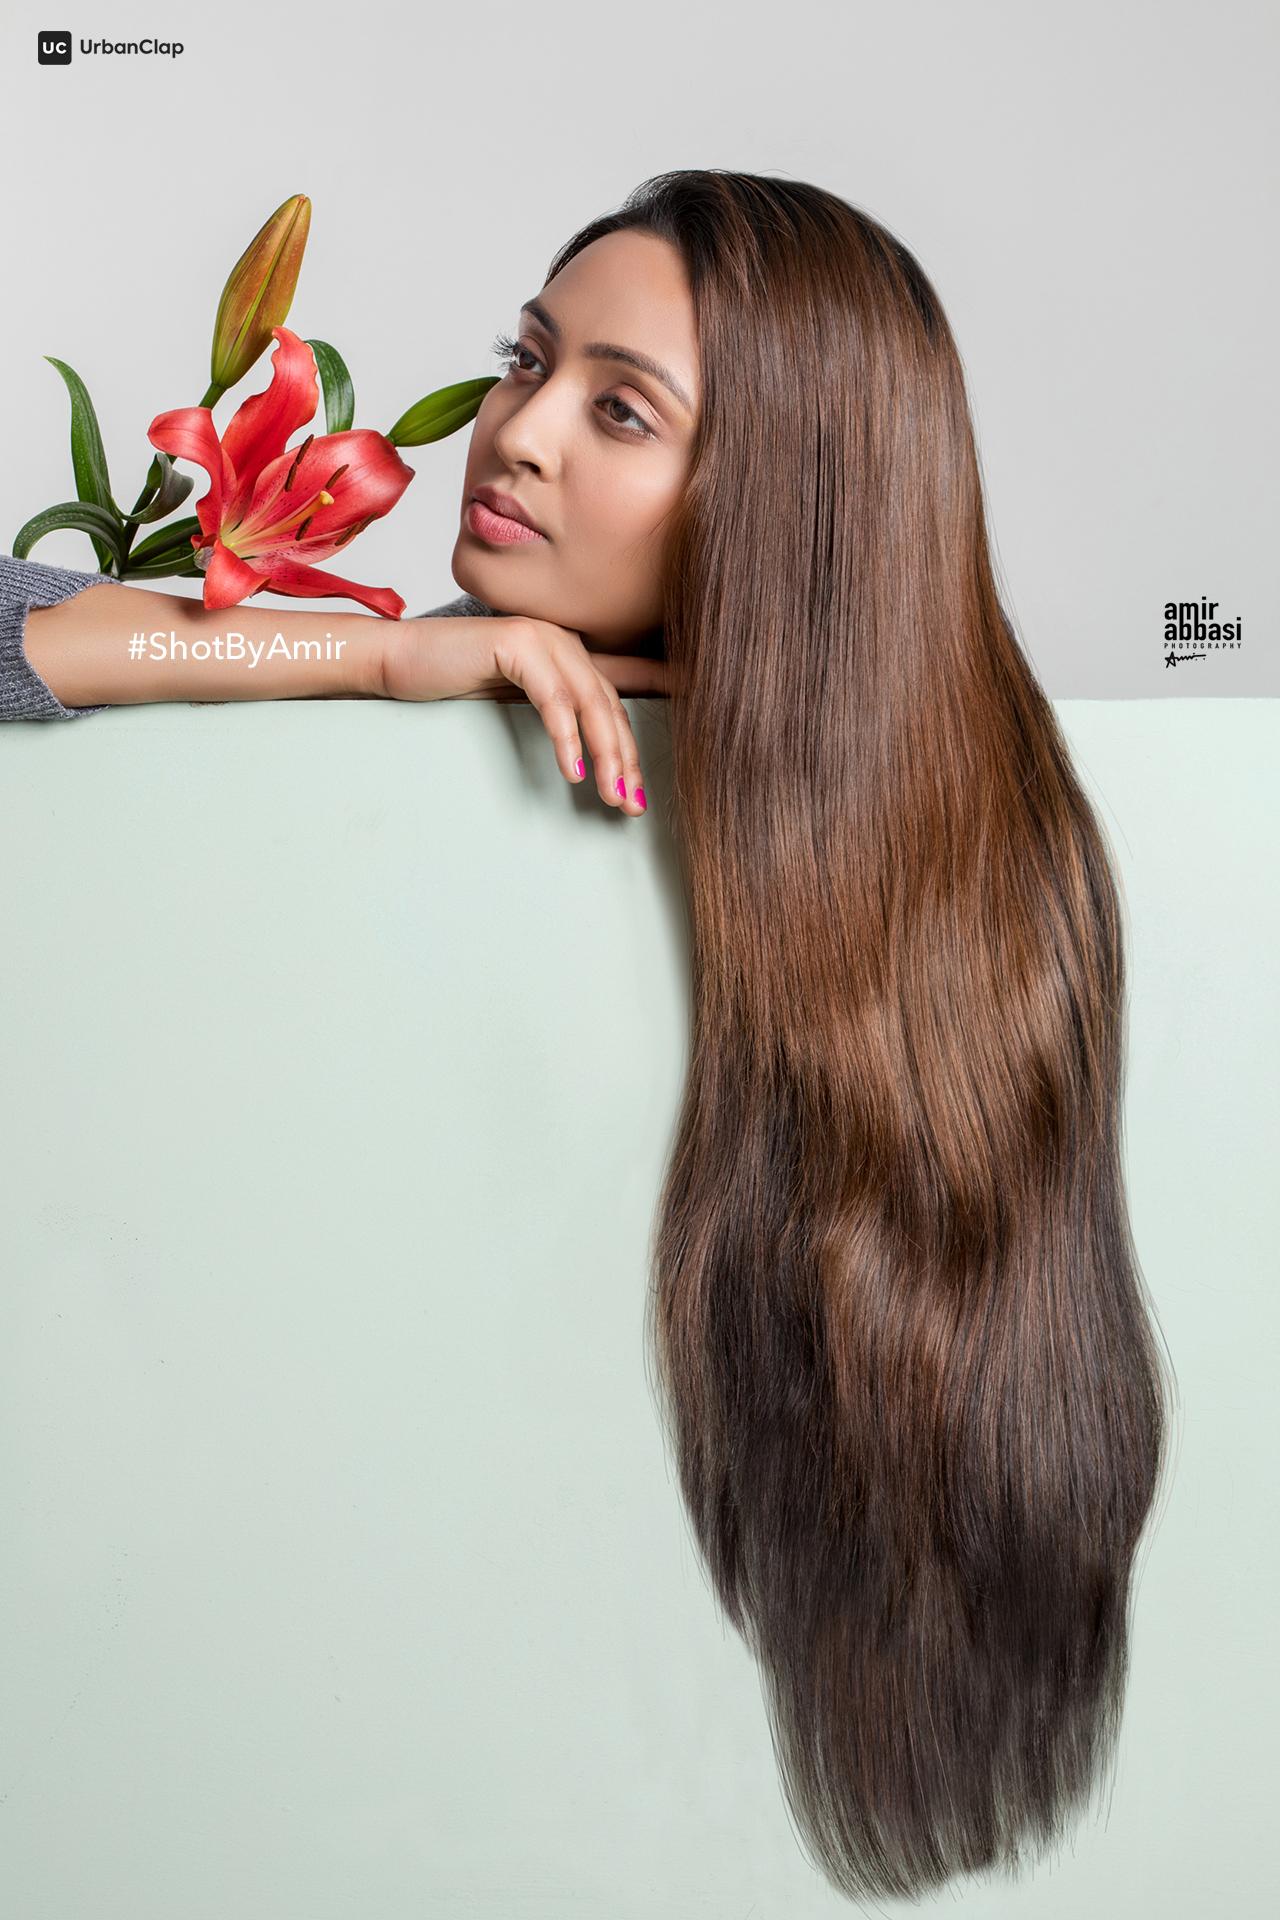 Creative Hair Shot |Model: Arshita Shrivastava |Photograher: Amir Abbasi |Makeup: Govind Gupta